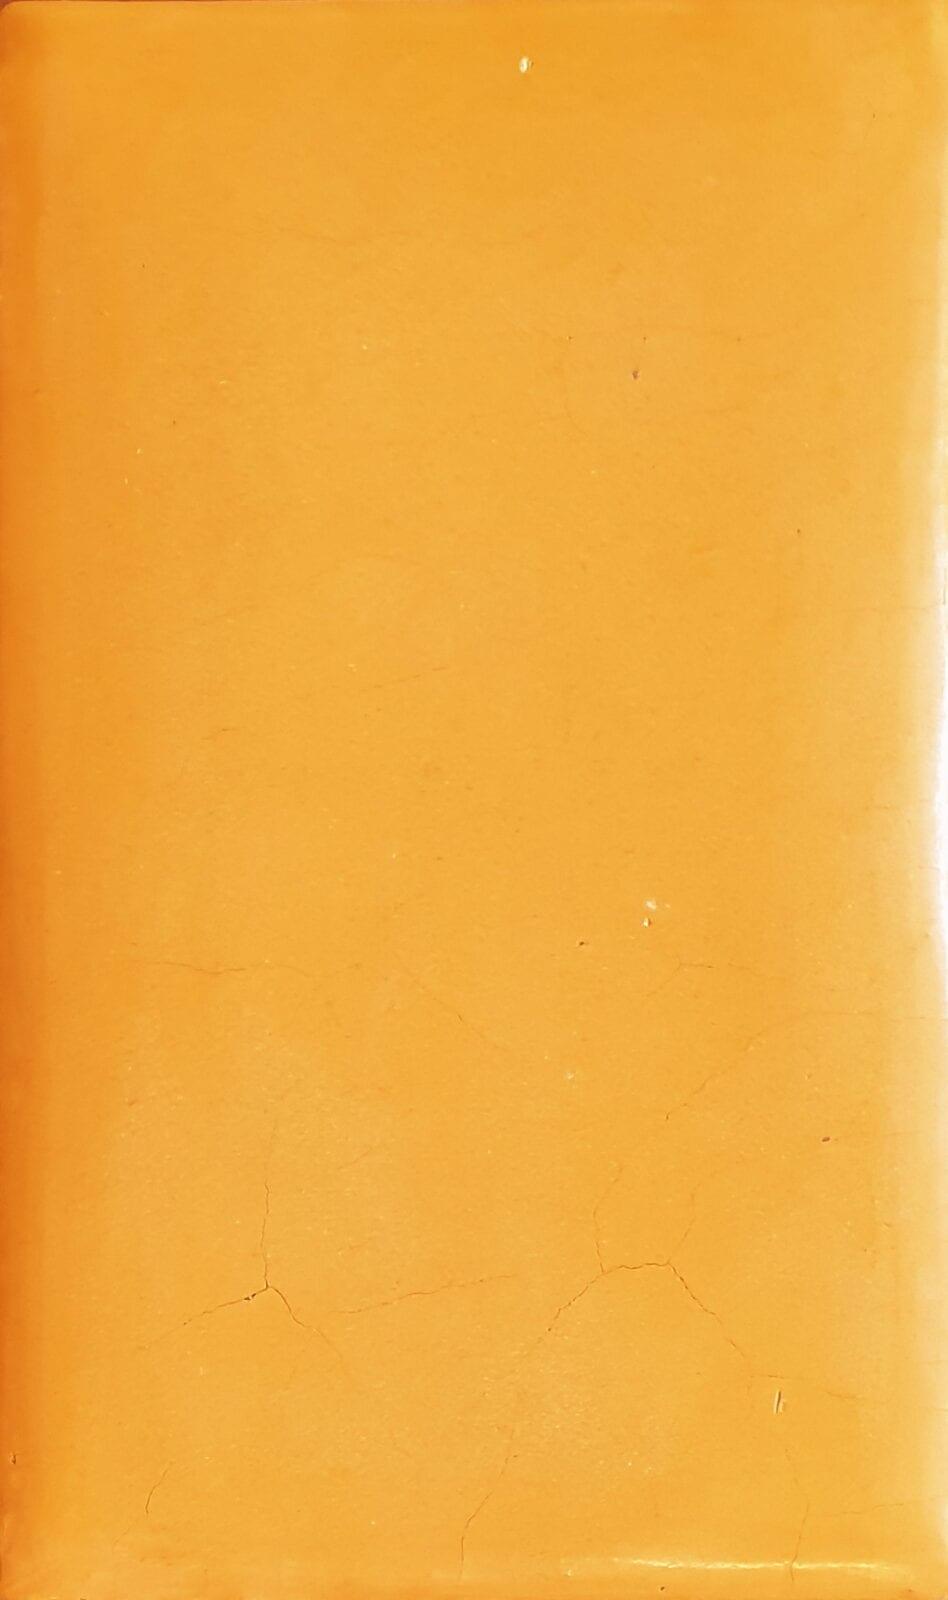 Tadelakt Kleuren Oranje